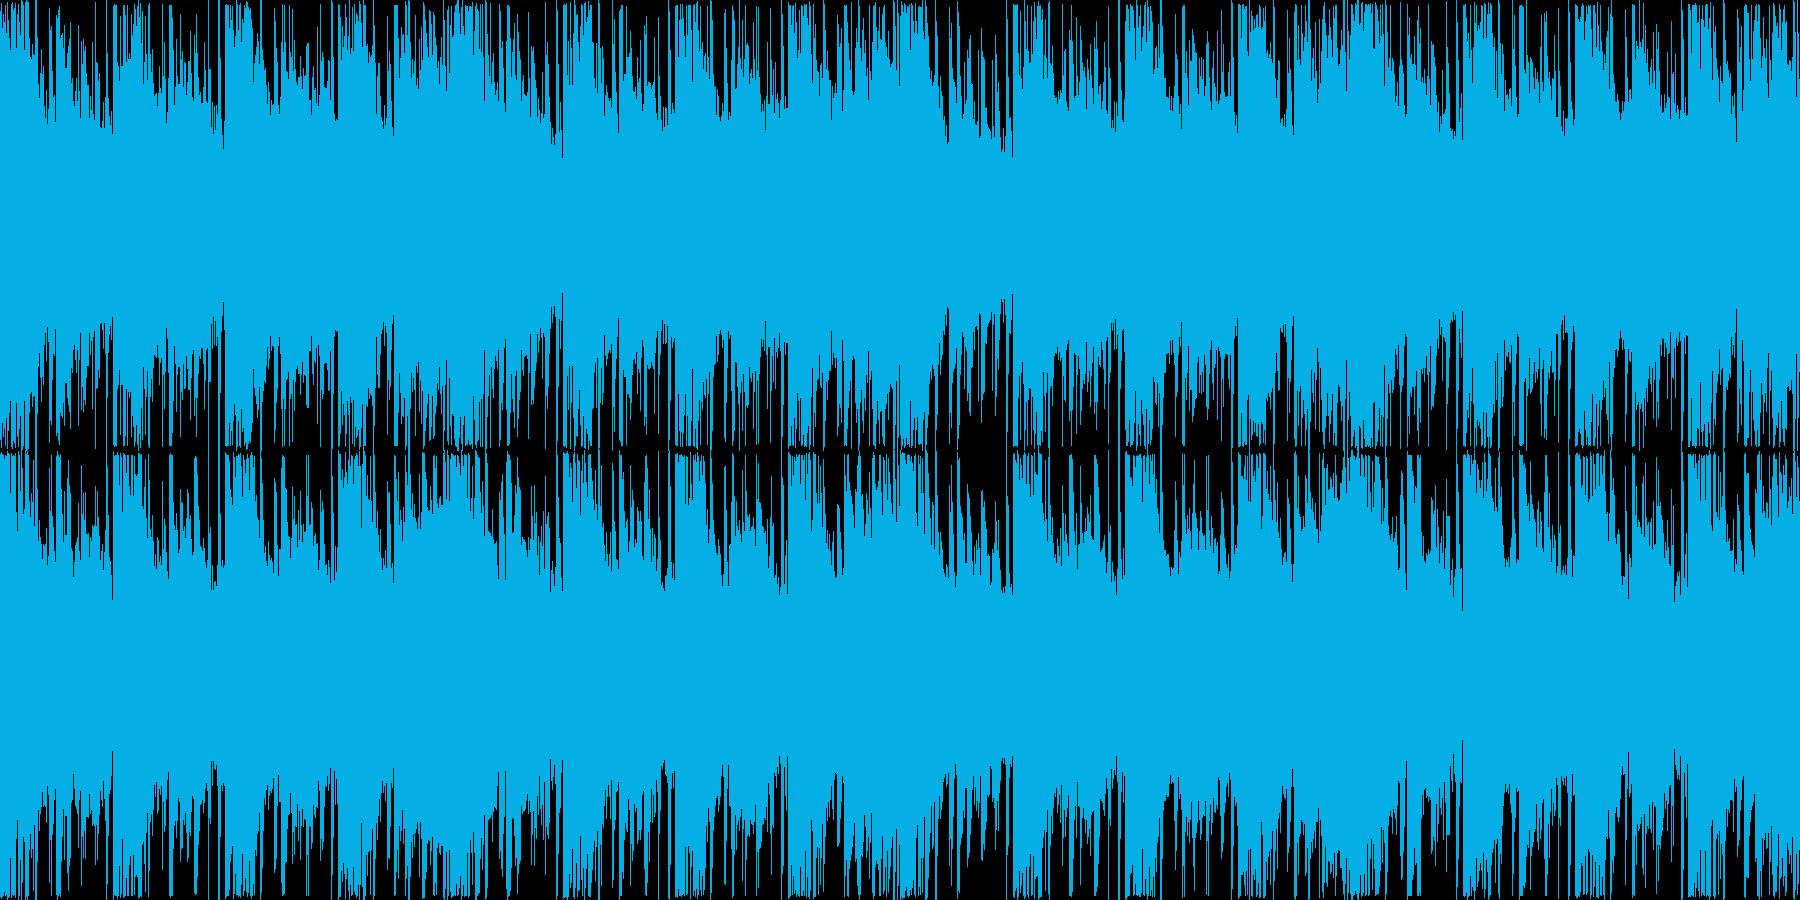 エレクトロニカ風BGM(ループ)の再生済みの波形